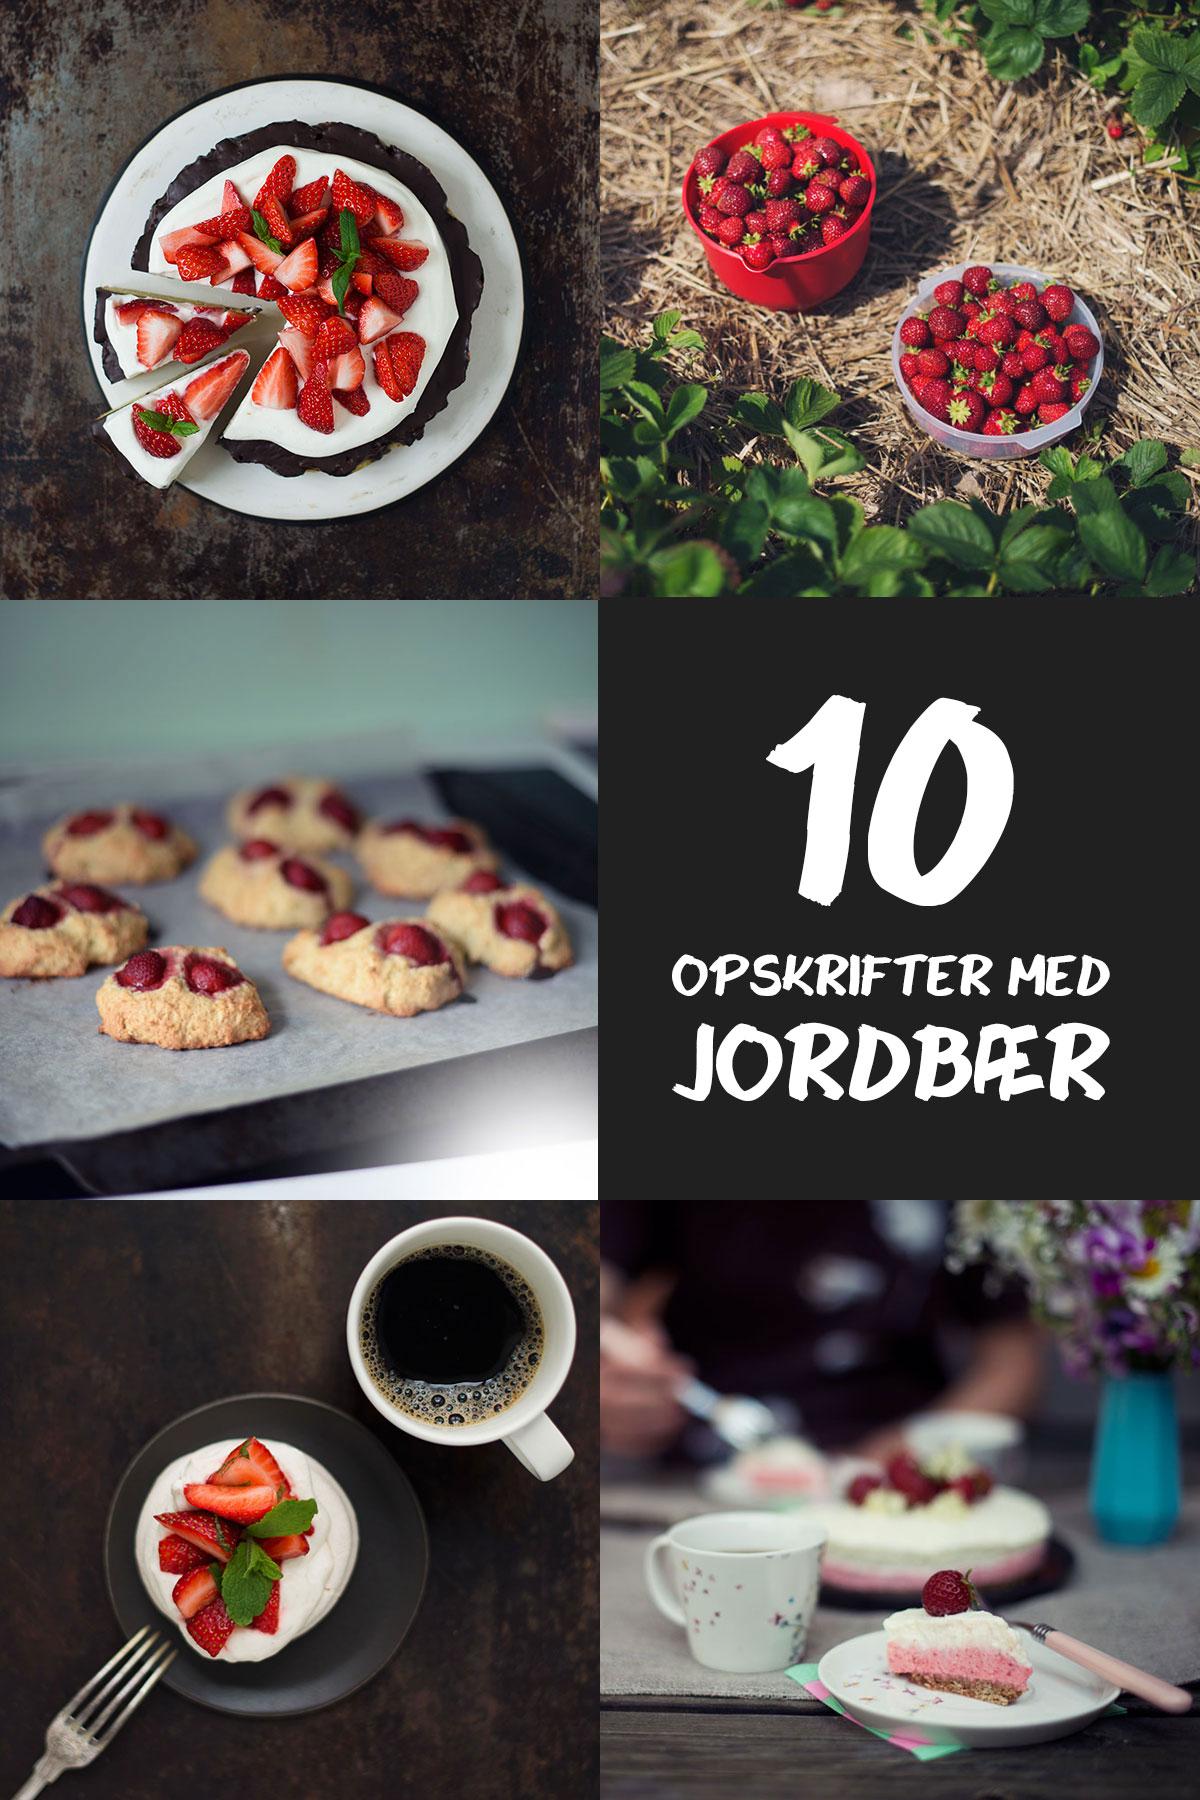 10 opskrifter med jordbær | Frk. Kræsen